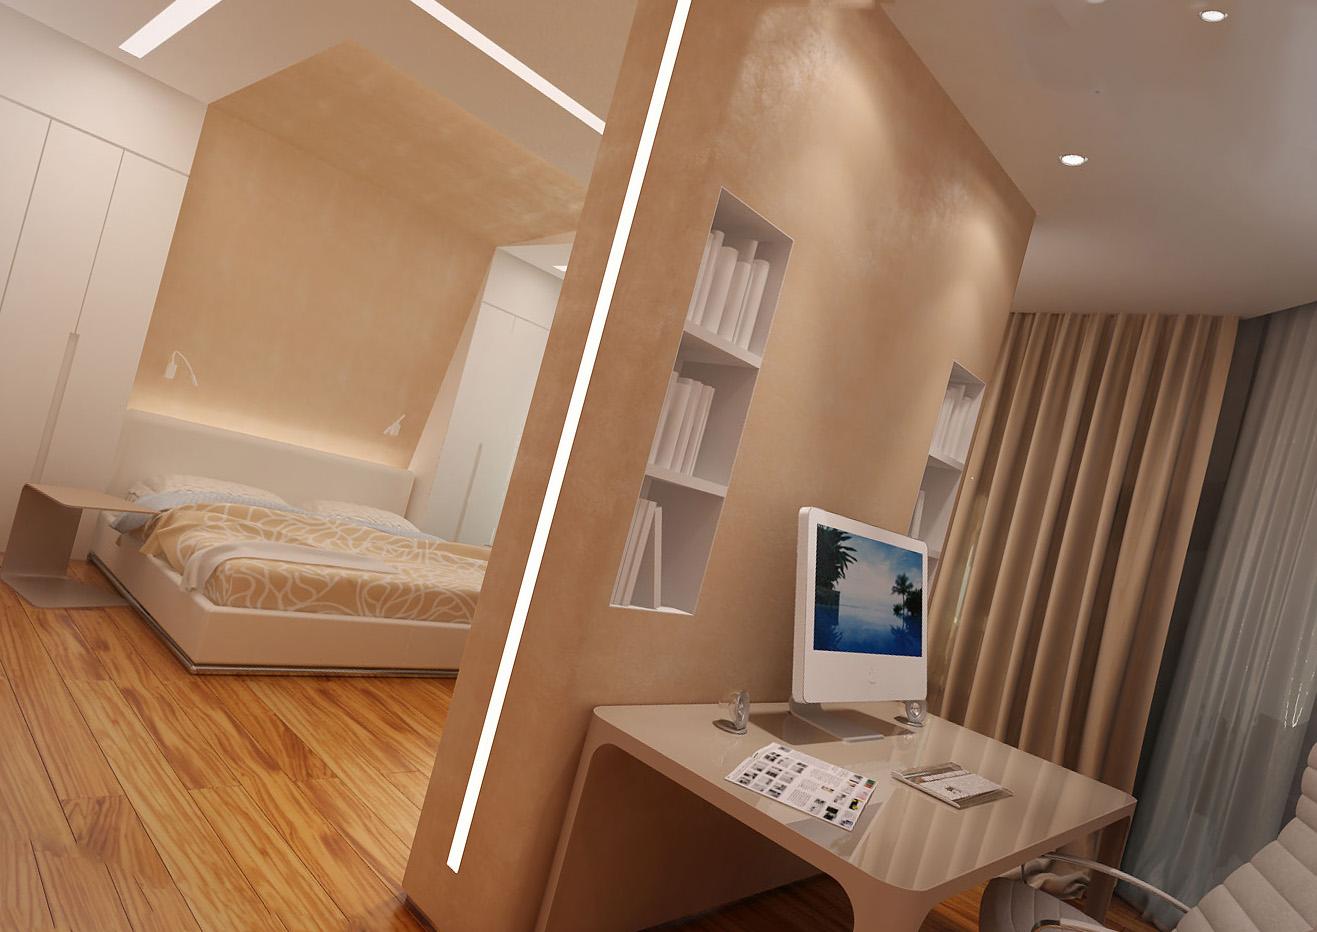 Зонирование жилого пространства, или как сделать перегородку, если есть натяжной потолок?